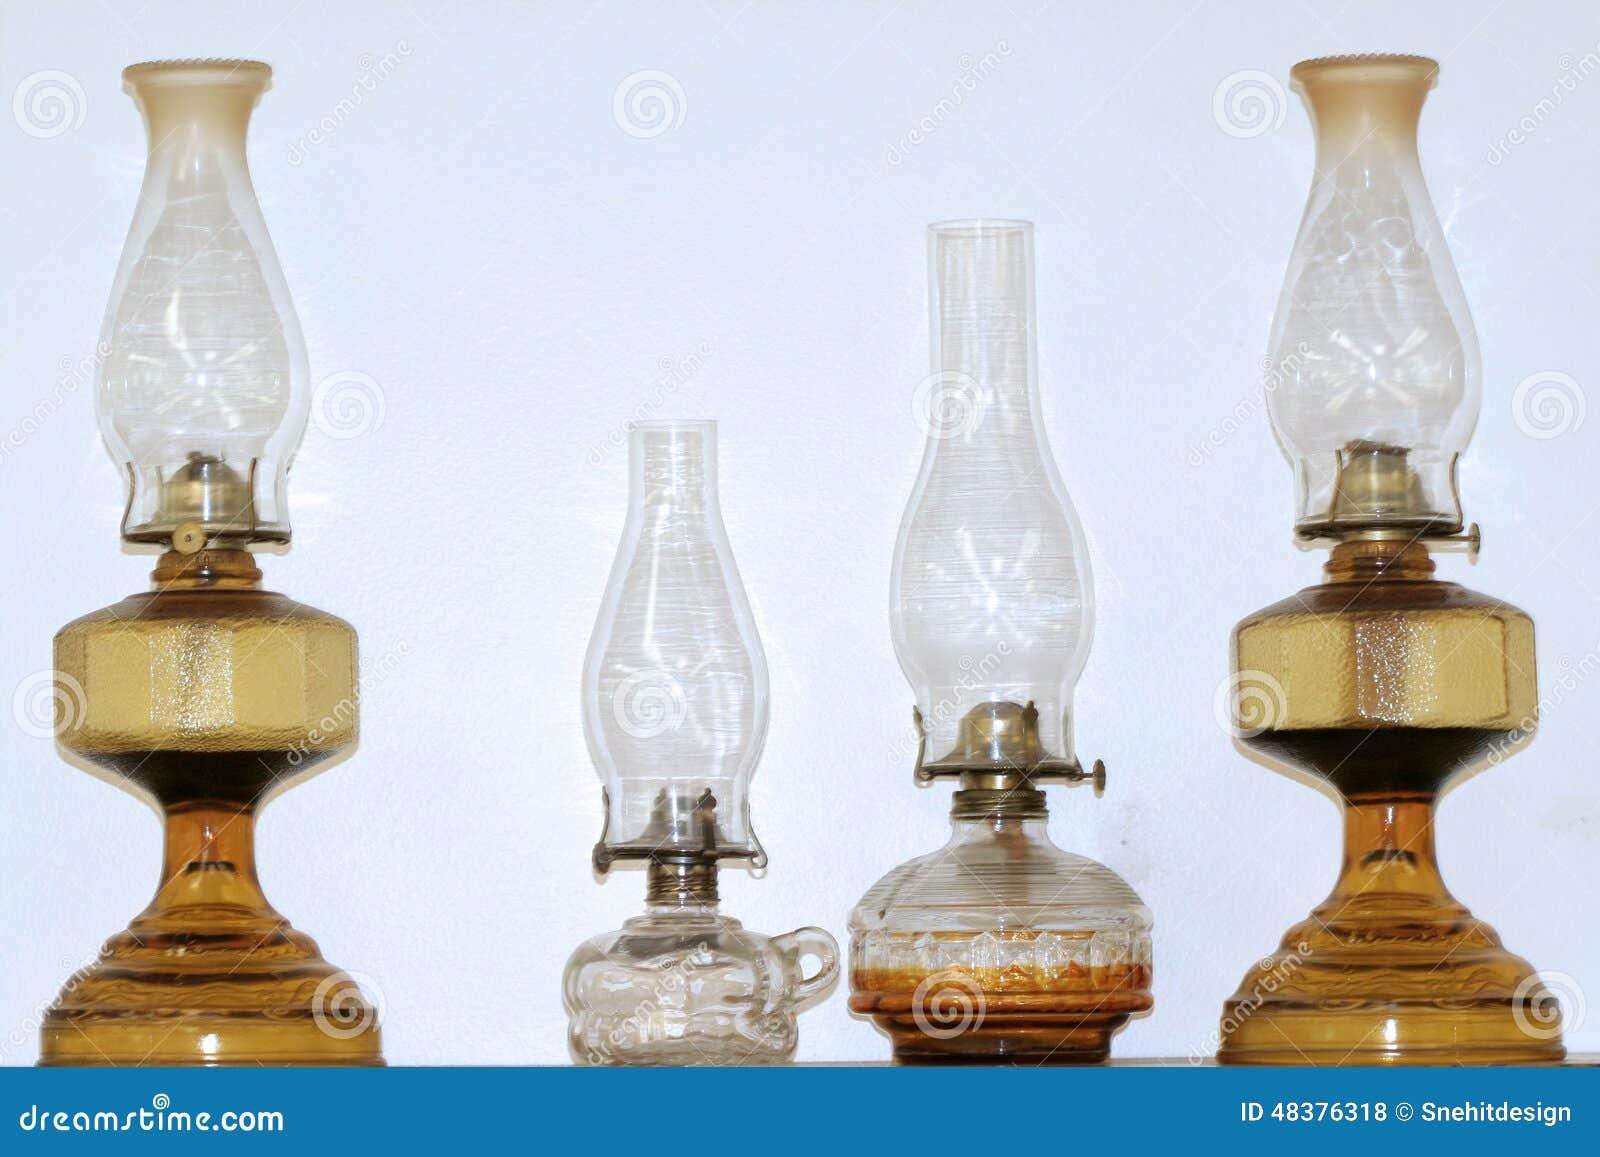 Lampade Antiche Fotografia Stock - Immagine: 48376318